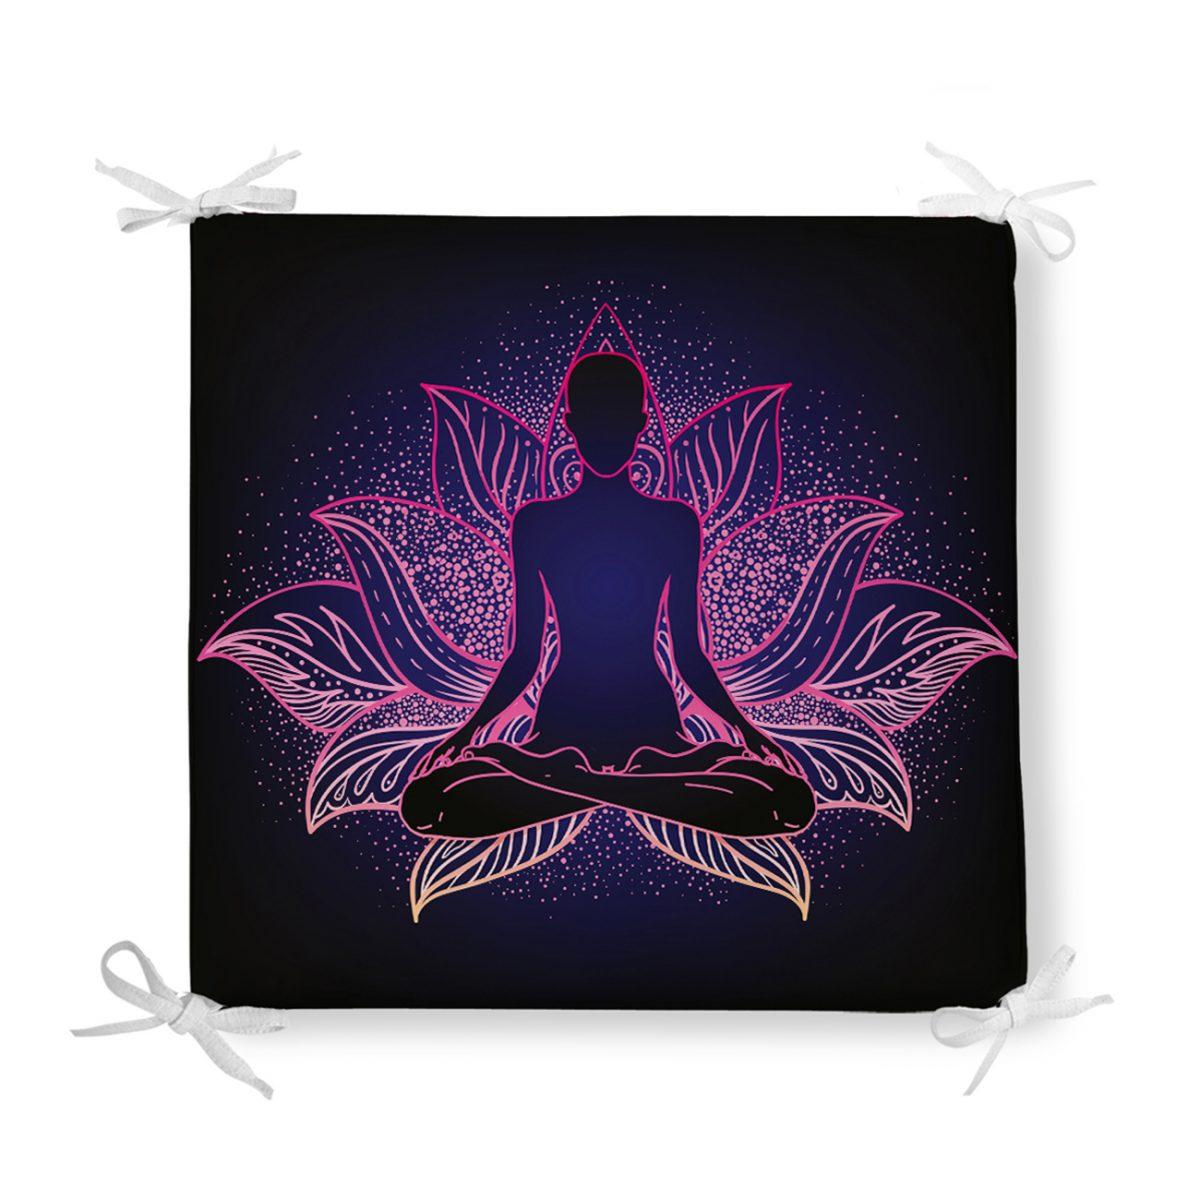 Pembe Neon Motifli Uzak Doğu Yoga Desenli Fermuarlı Sandalye Minderi Realhomes